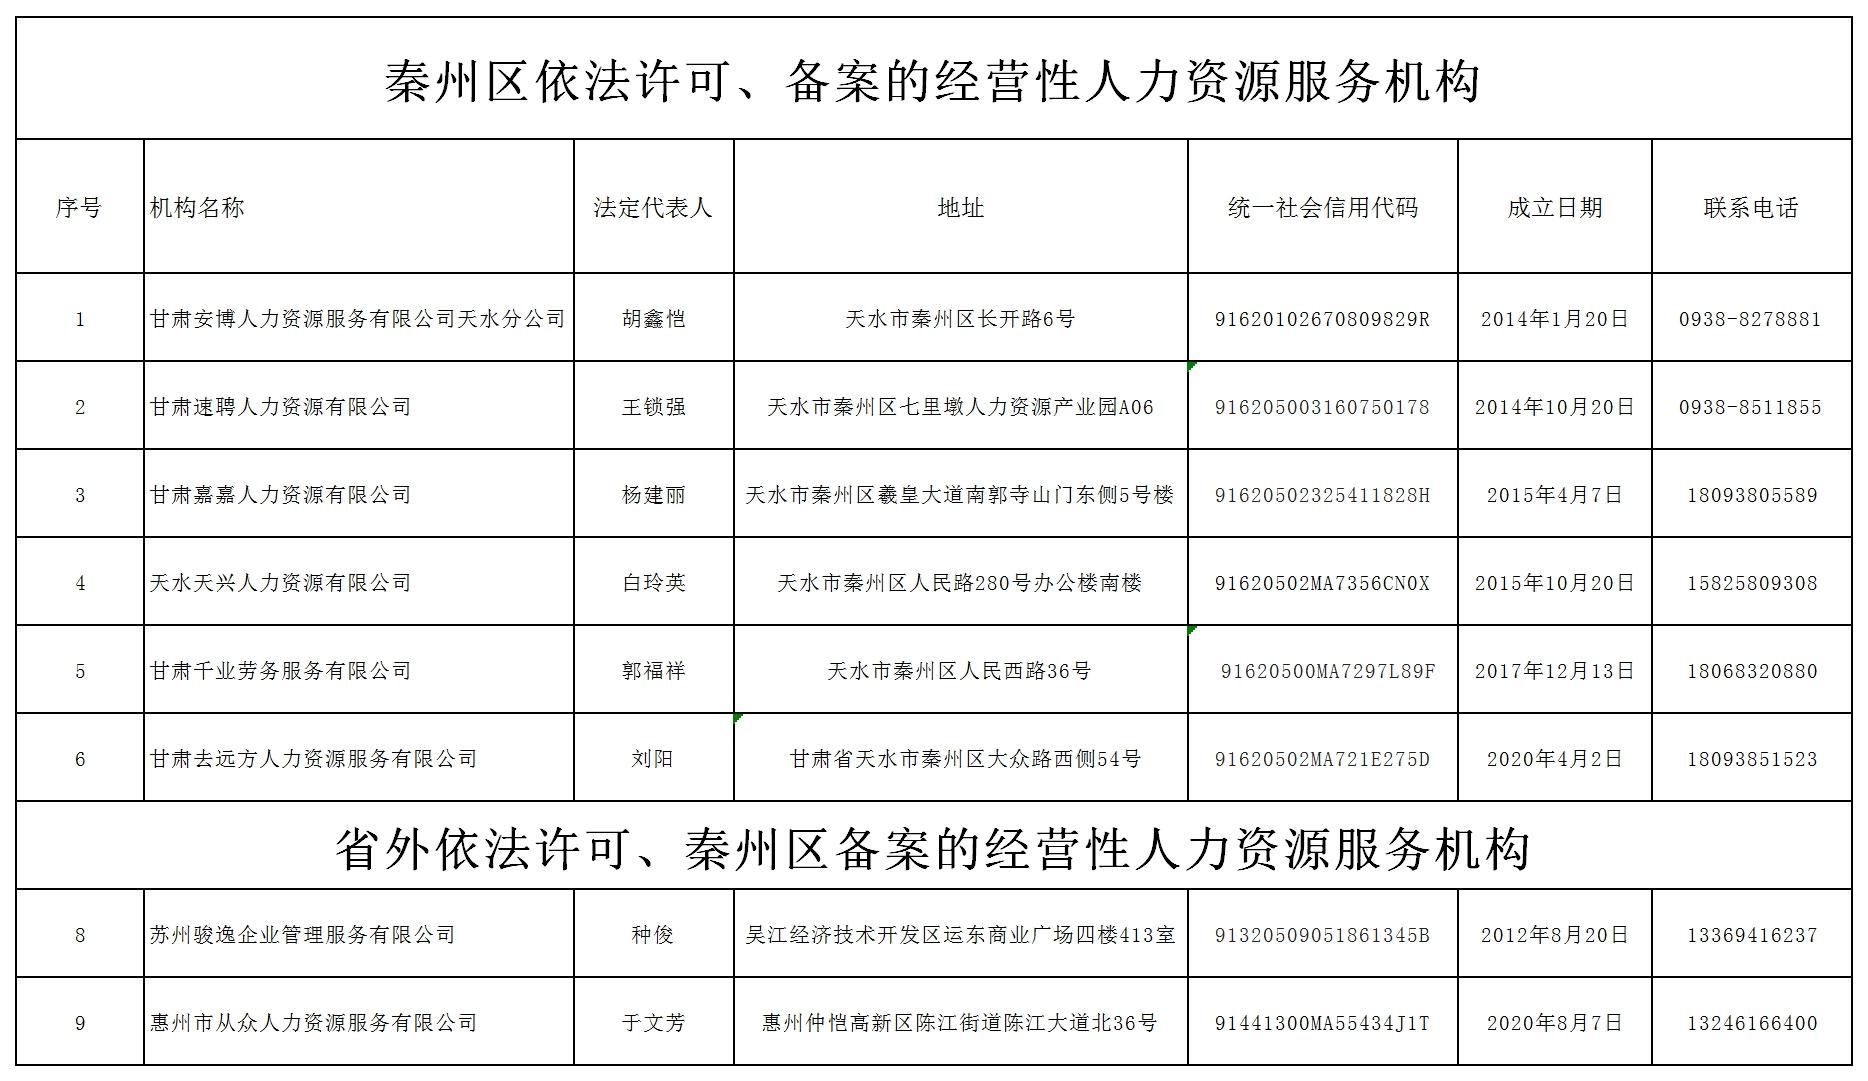 人力资源服务机构(1).png